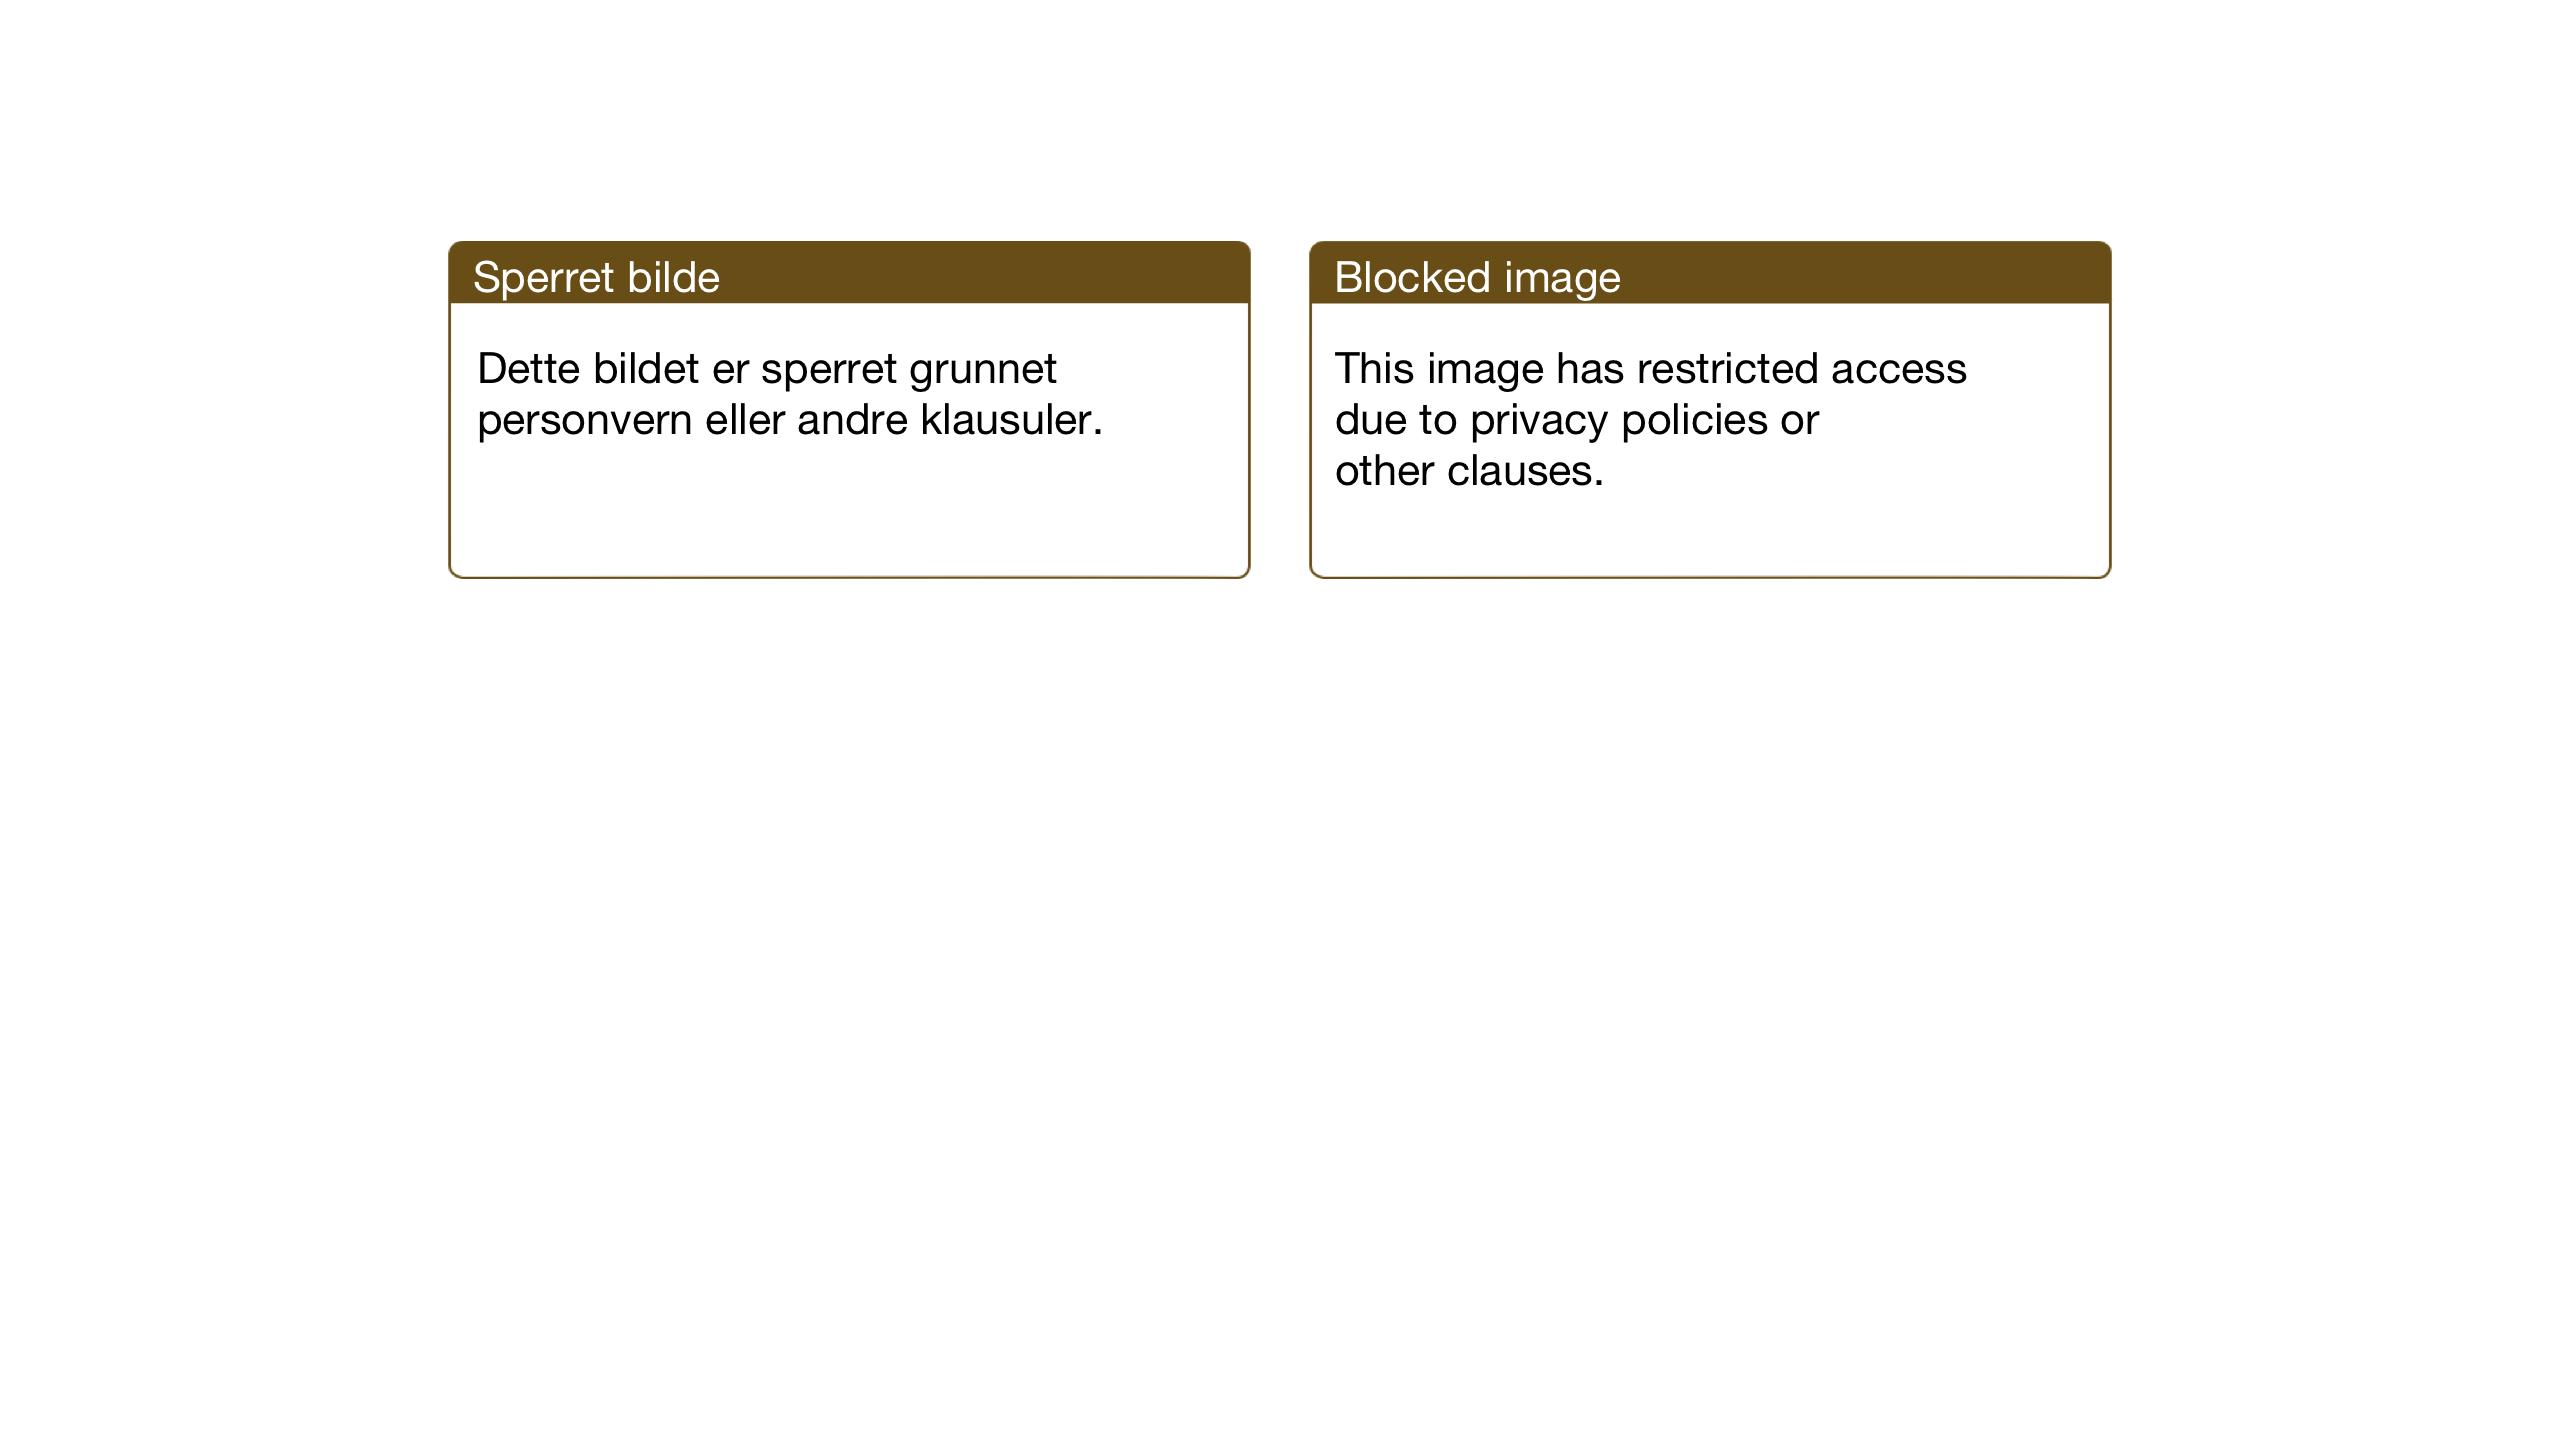 SAT, Ministerialprotokoller, klokkerbøker og fødselsregistre - Nord-Trøndelag, 719/L0180: Klokkerbok nr. 719C01, 1878-1940, s. 48